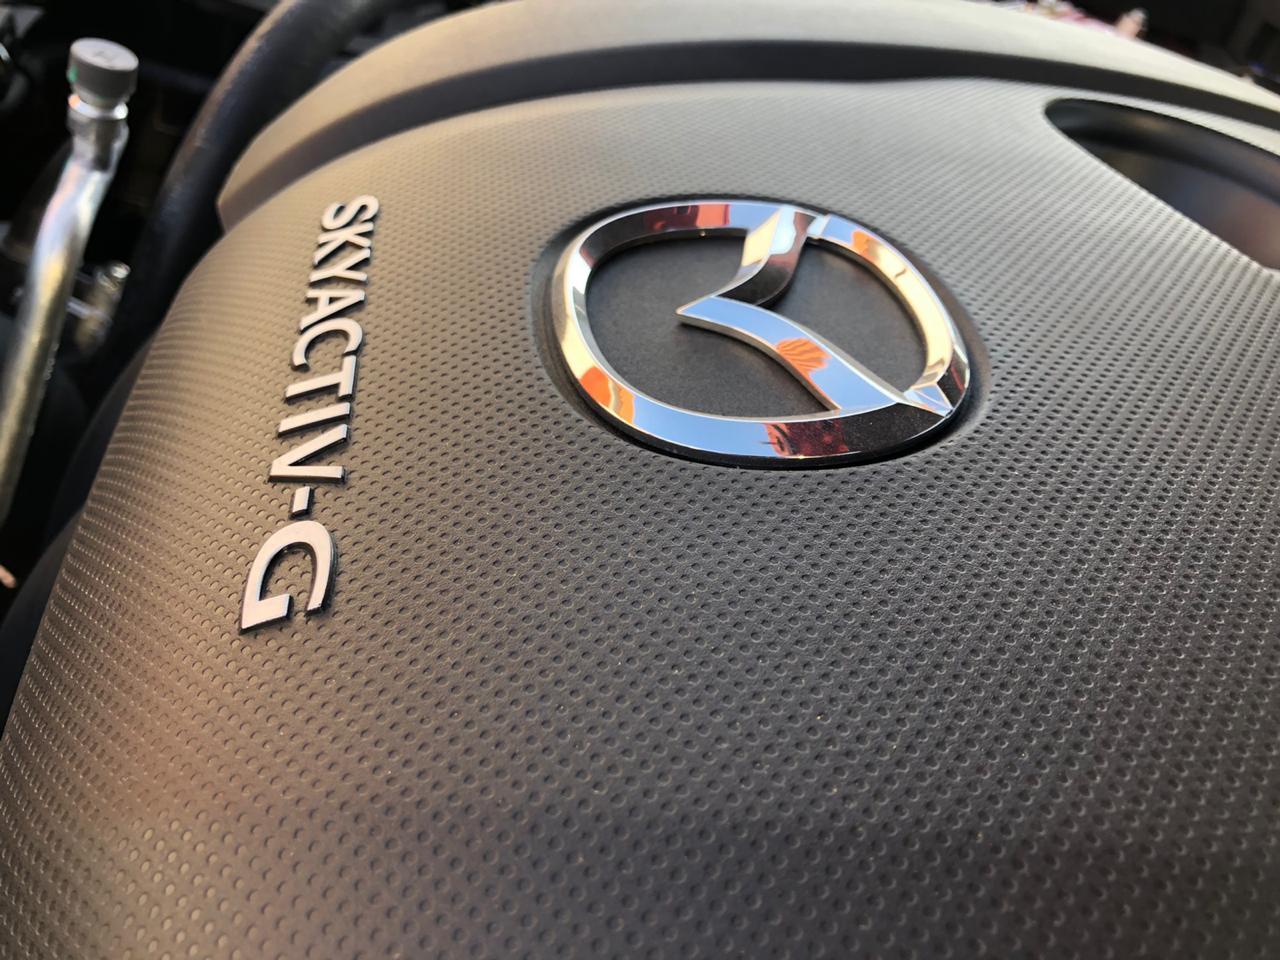 Mazda distribuye protectores faciales en alianza con el Gobierno de Hiroshima